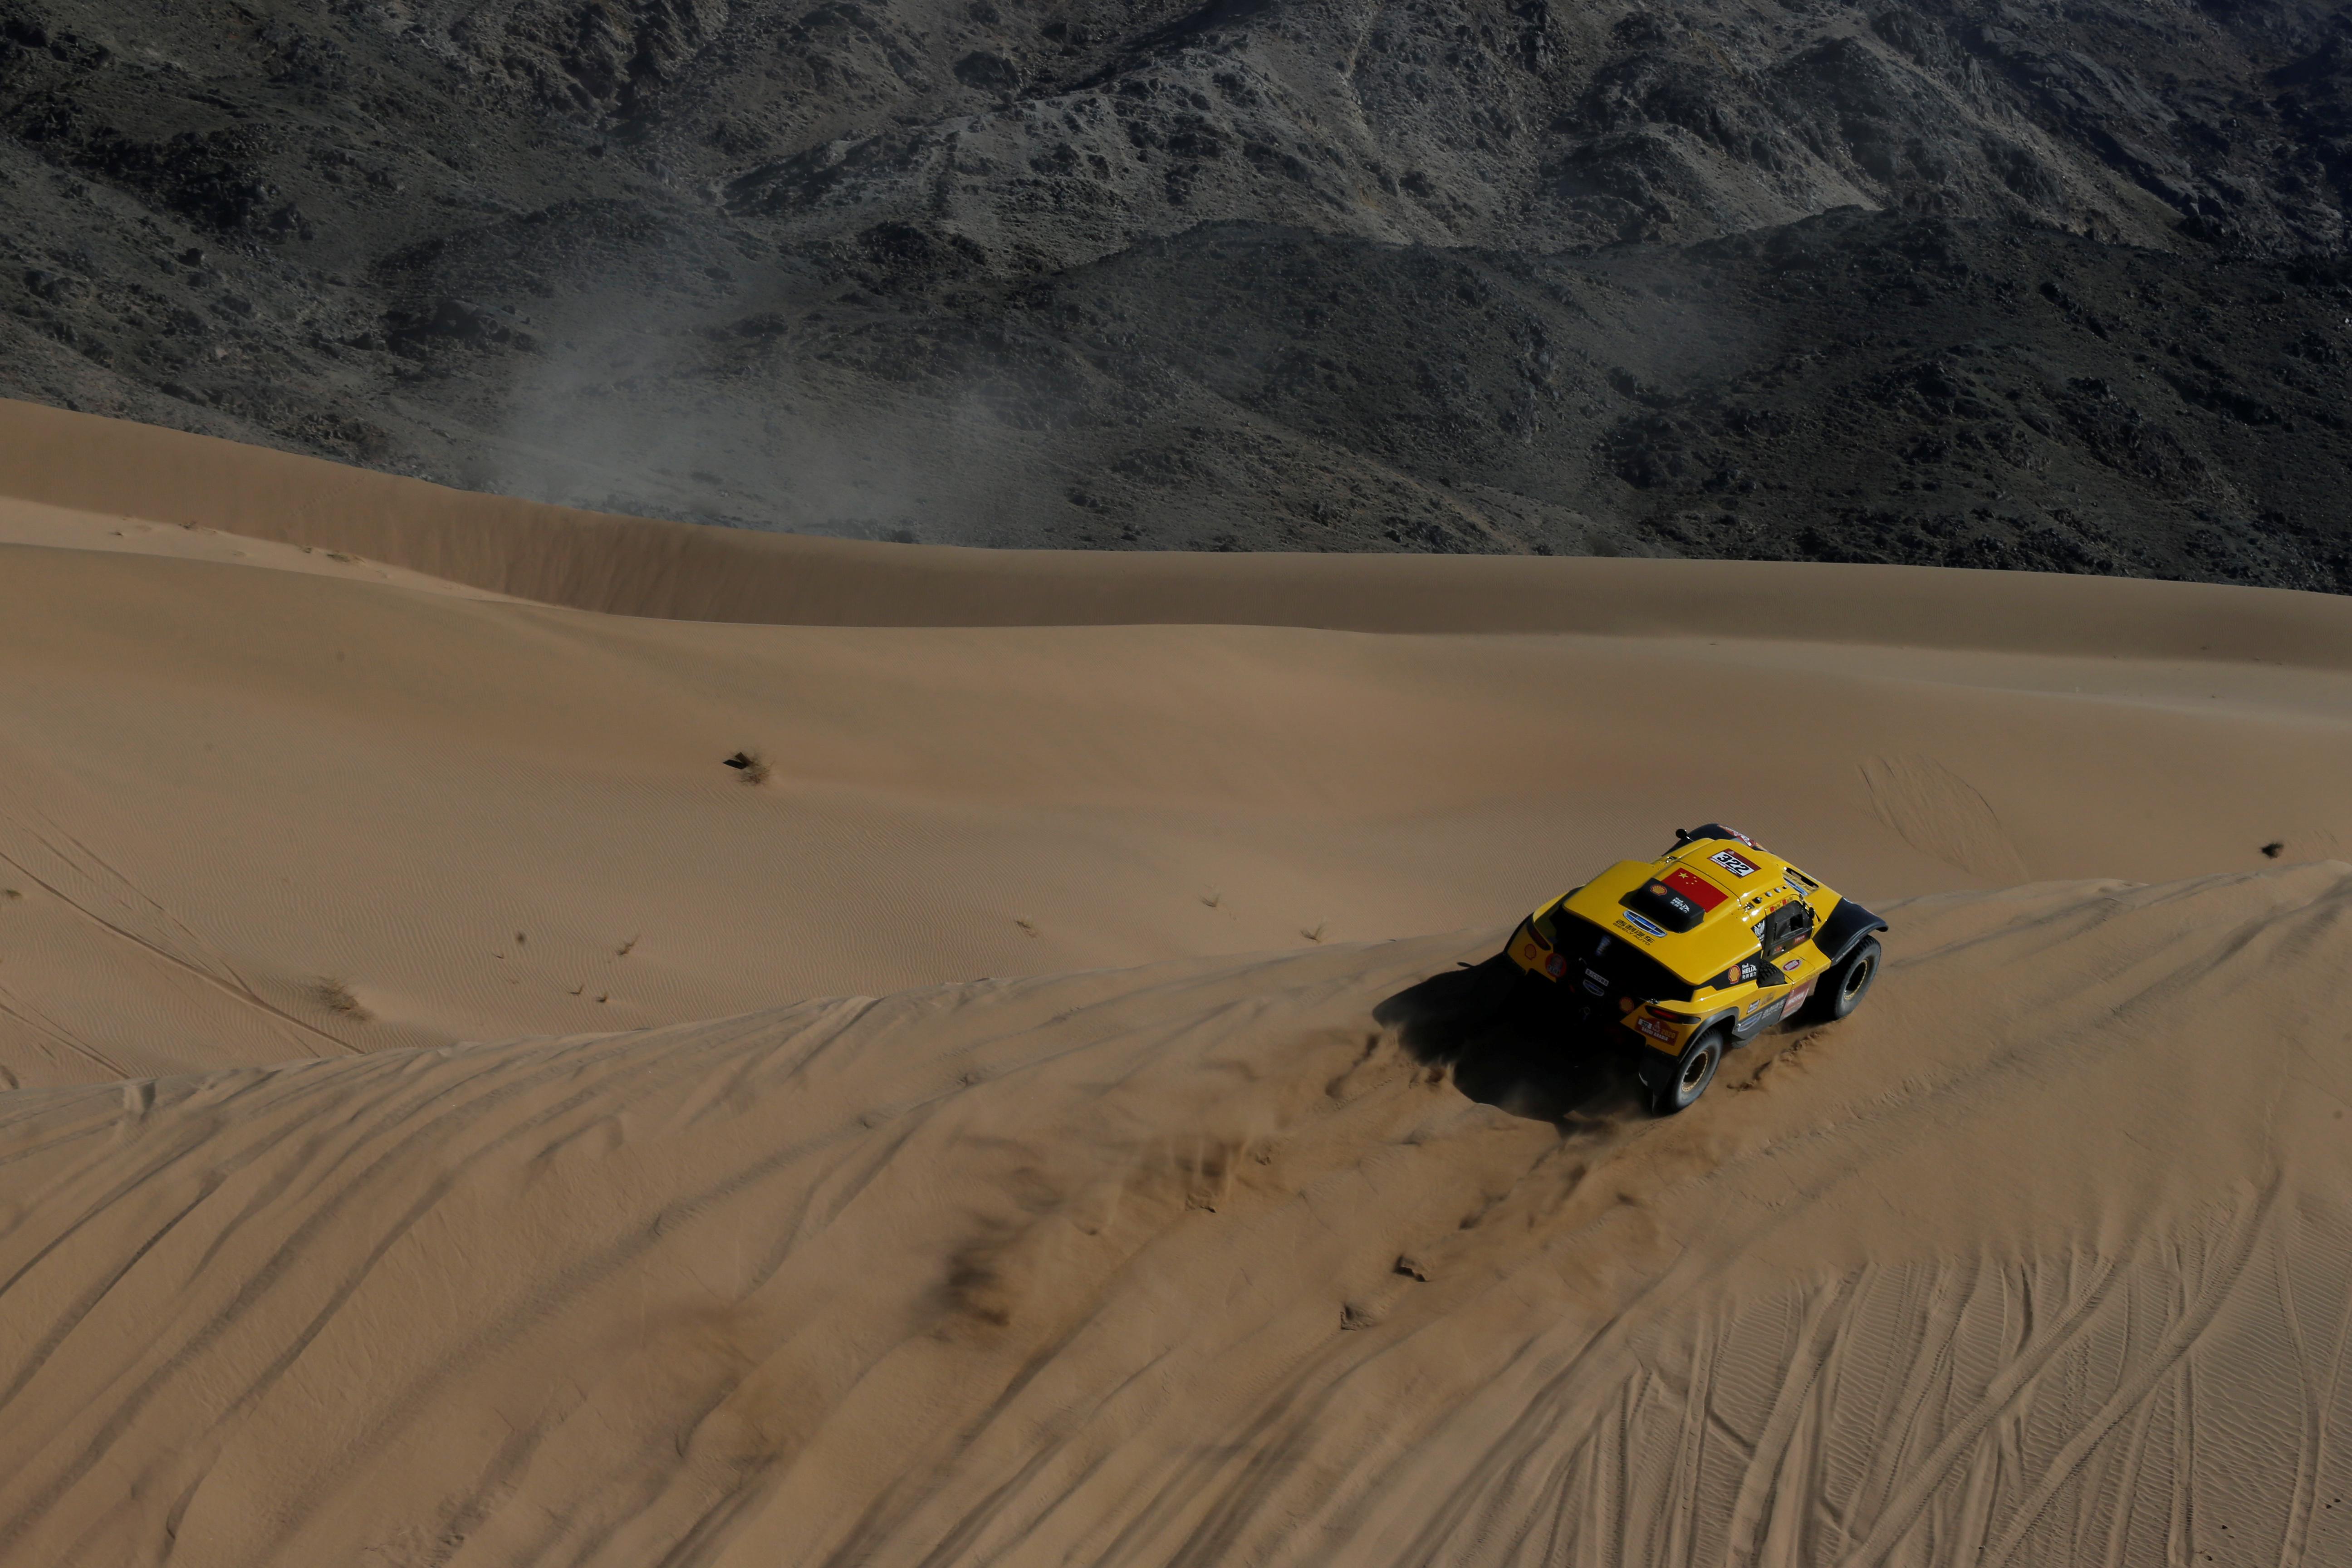 Desde el 5 de enero hasta el 17 del corriente, los protagonistas deberán atravesar más de 5.000 kilómetros por la dureza del desierto virgen de Medio Oriente en un recorrido que se vivirá durante 12 etapas